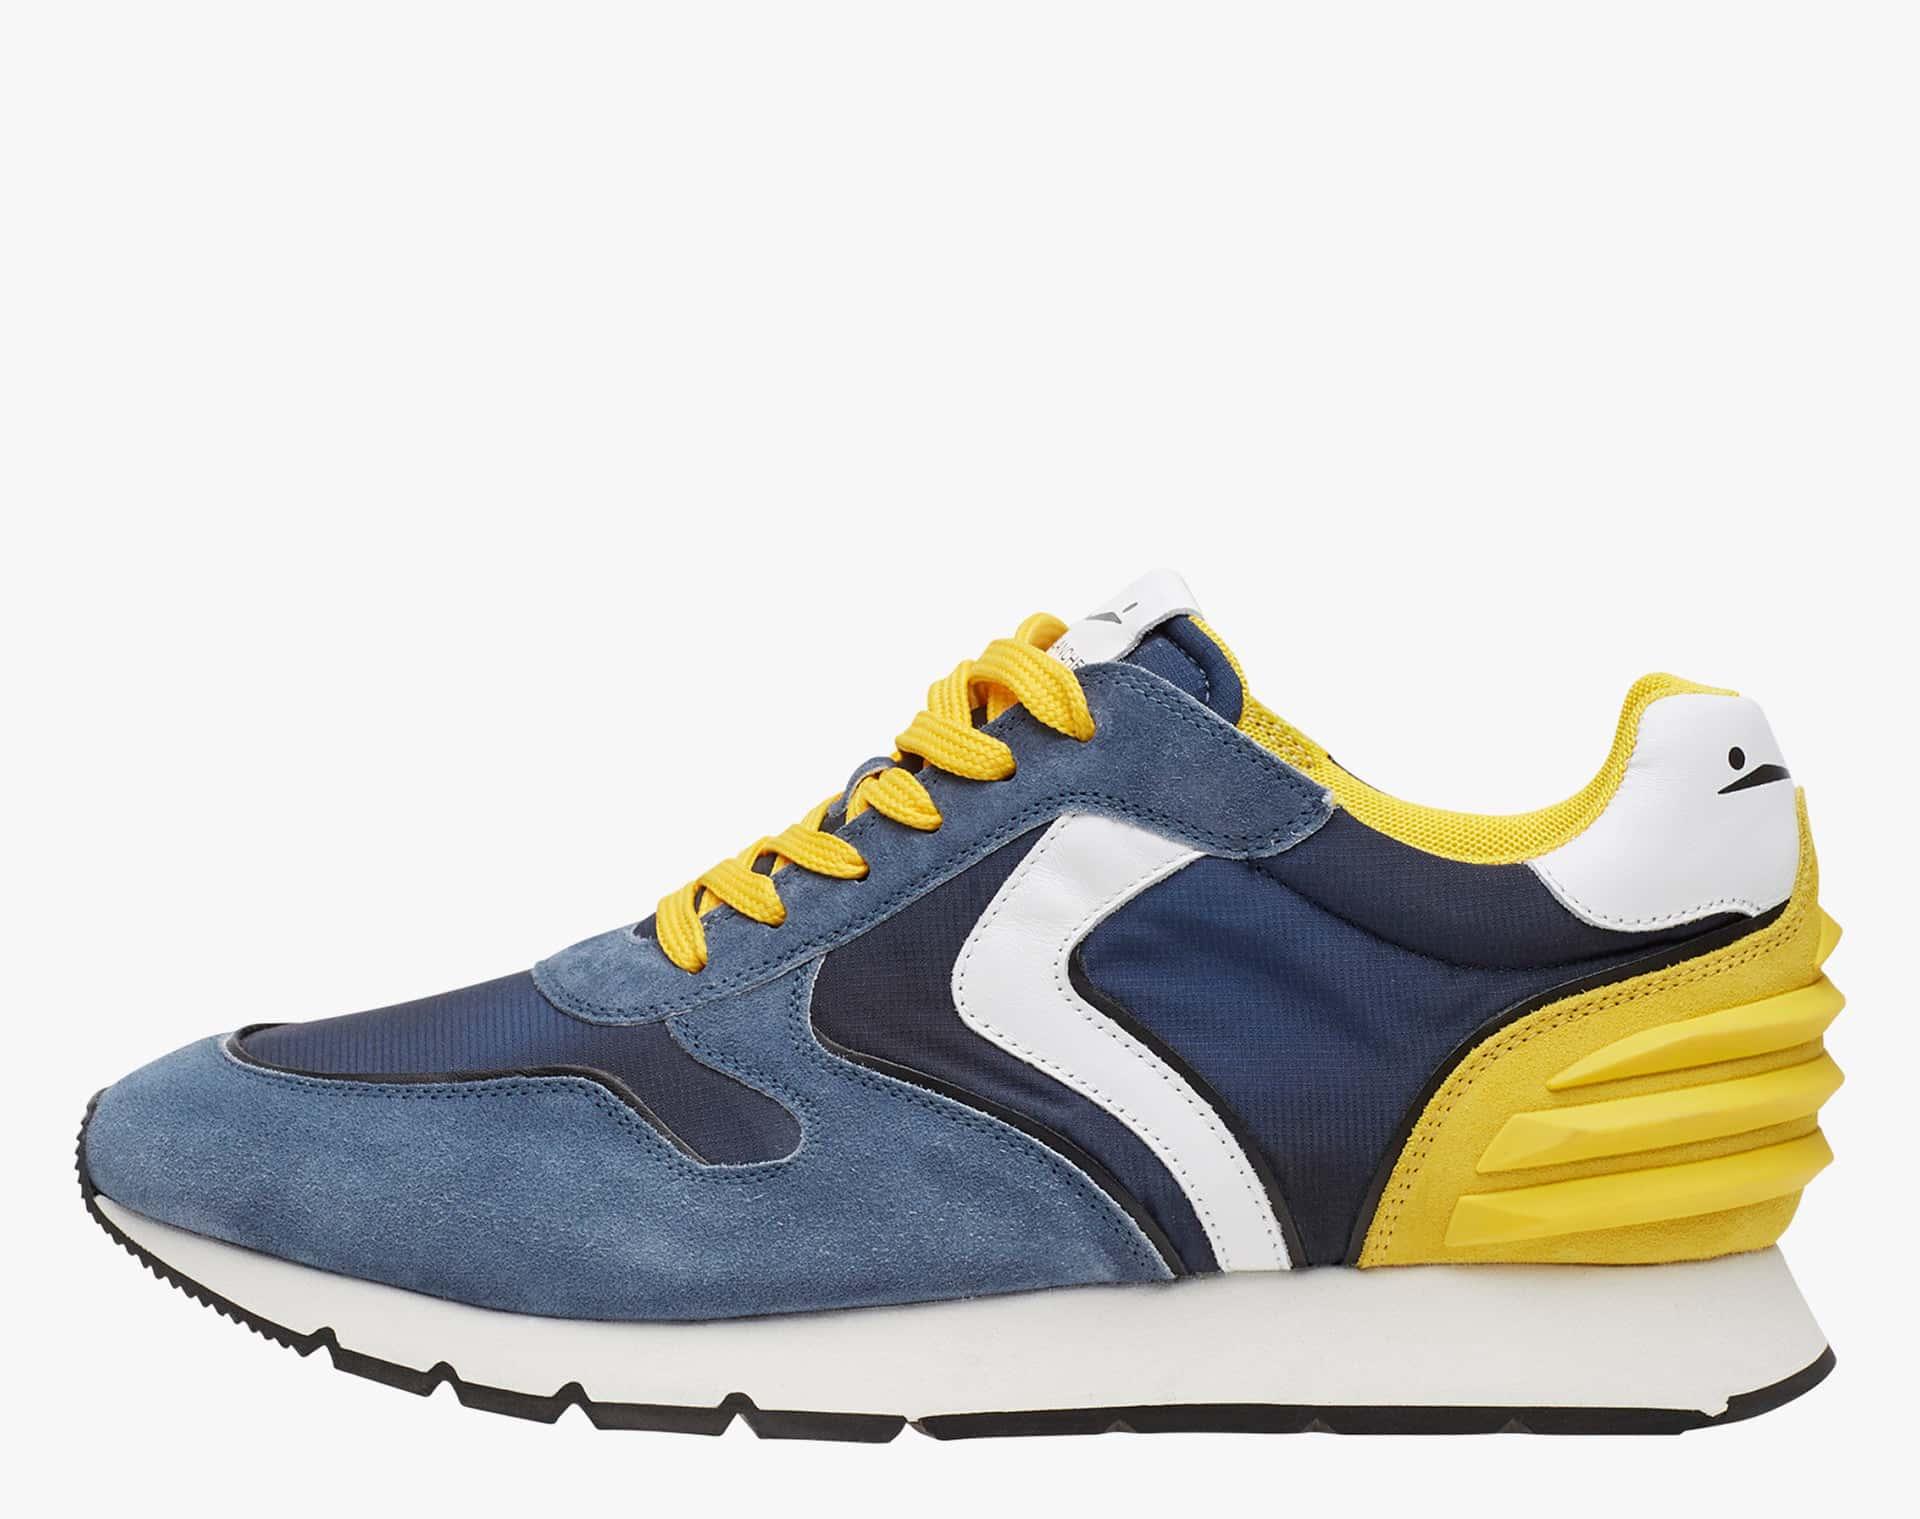 LIAM POWER - Sneaker in suede e tessuto tecnico - Blu/Giallo